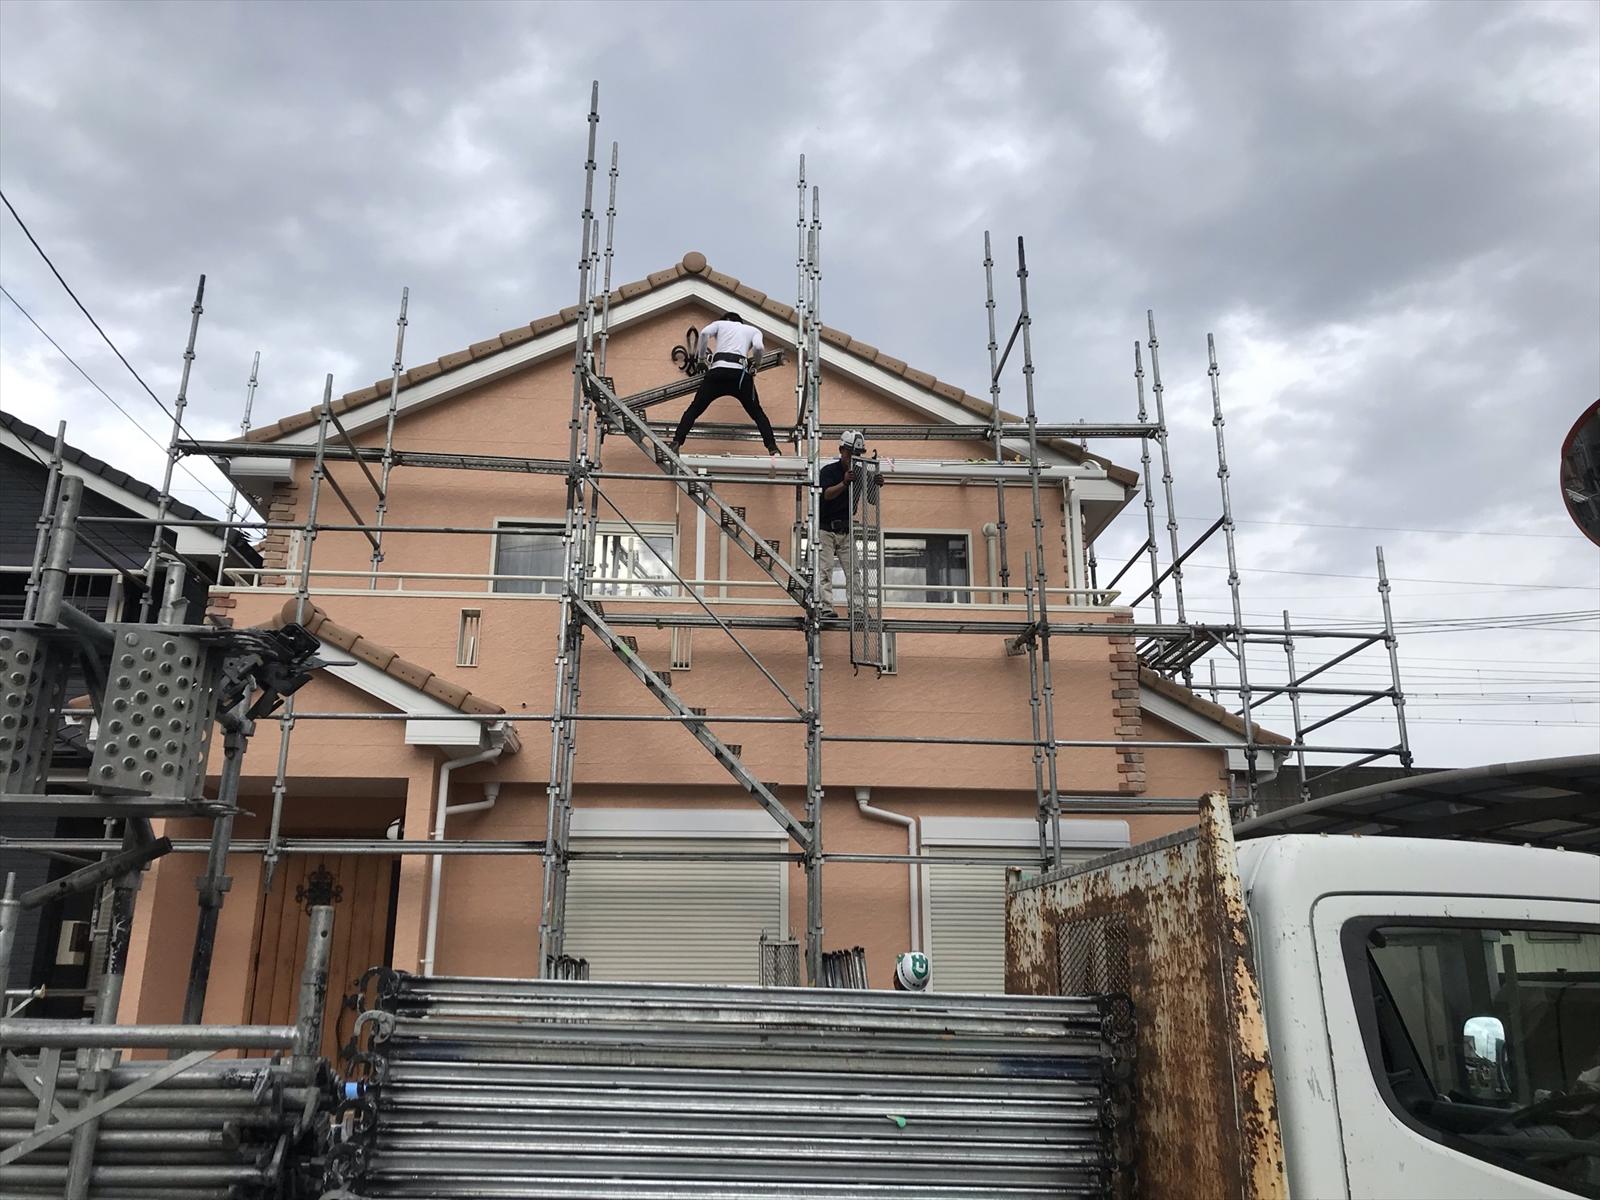 伊奈町西小針外壁塗装完了し仮設足場解体開始